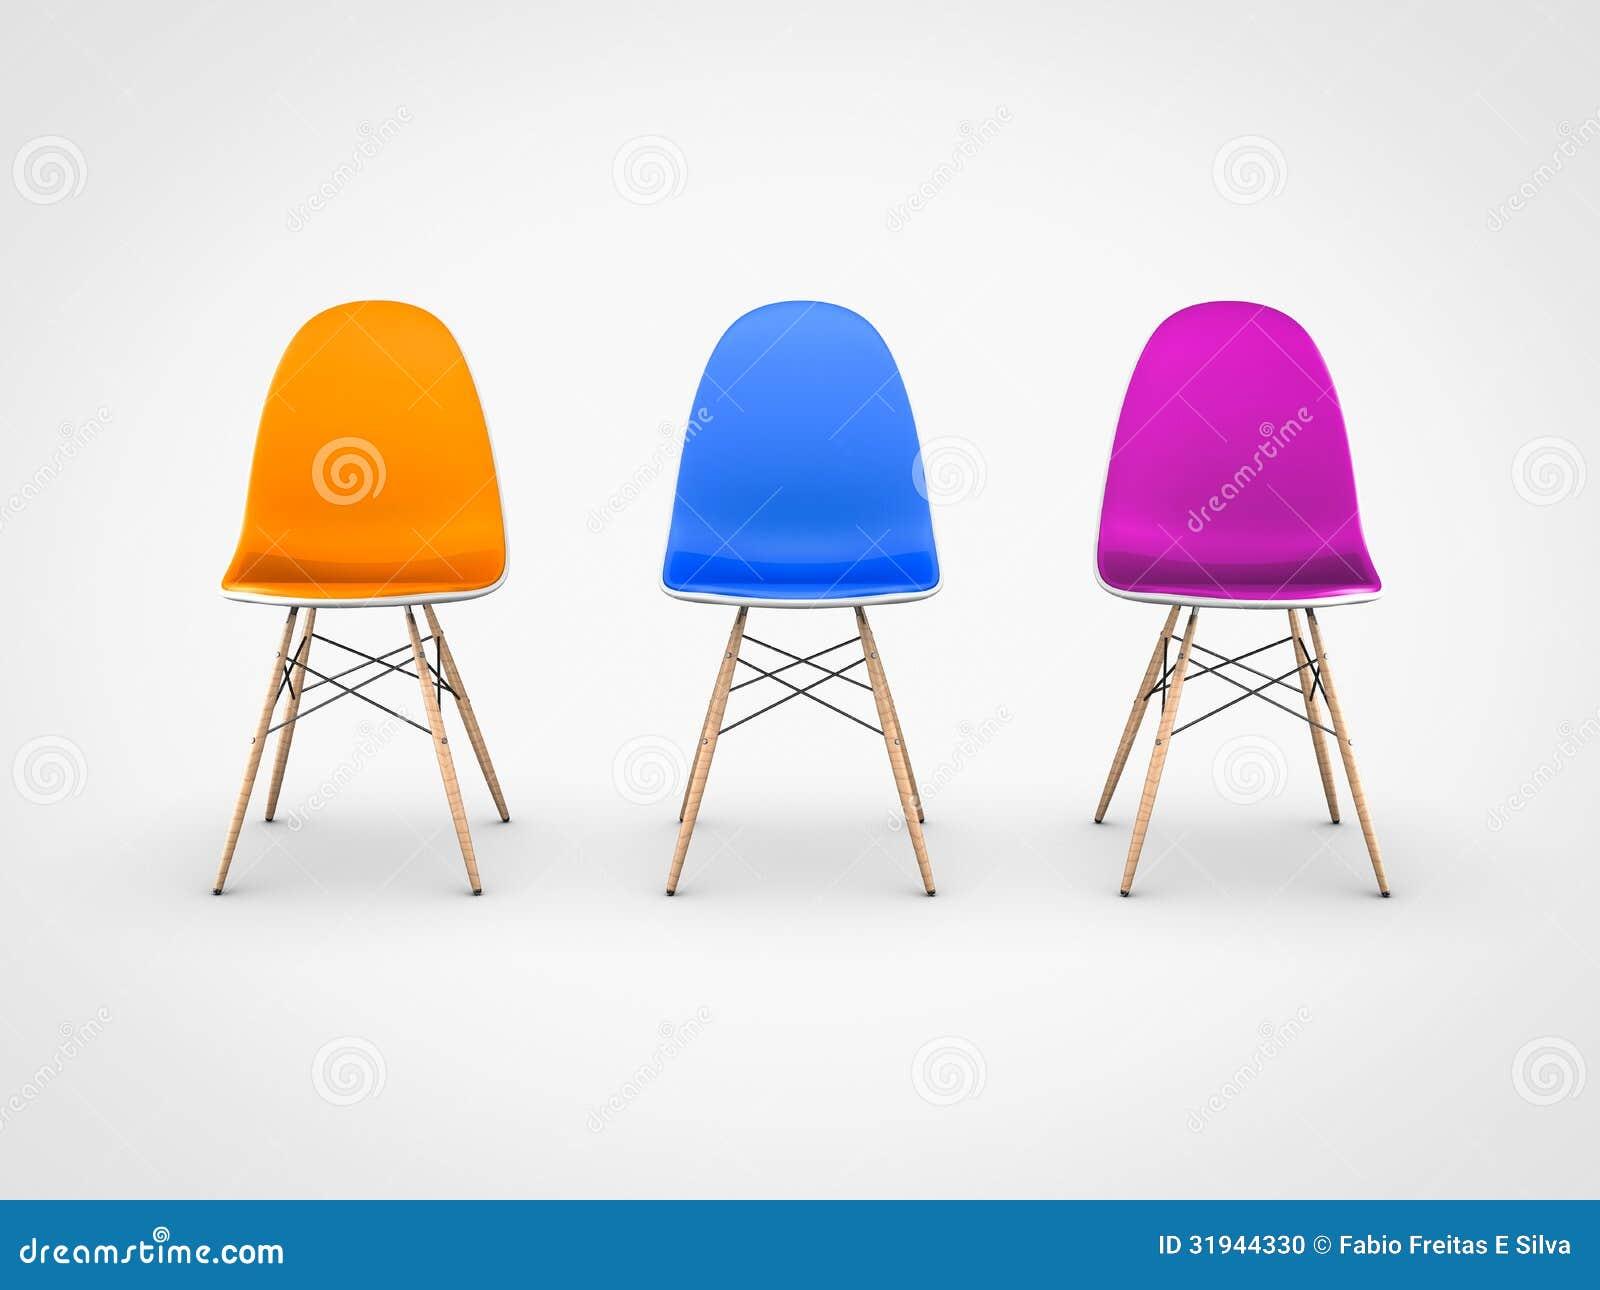 Außergewöhnlich Moderne Stühle Günstig Ideen Von Stühle Auf Weißem Hintergrund